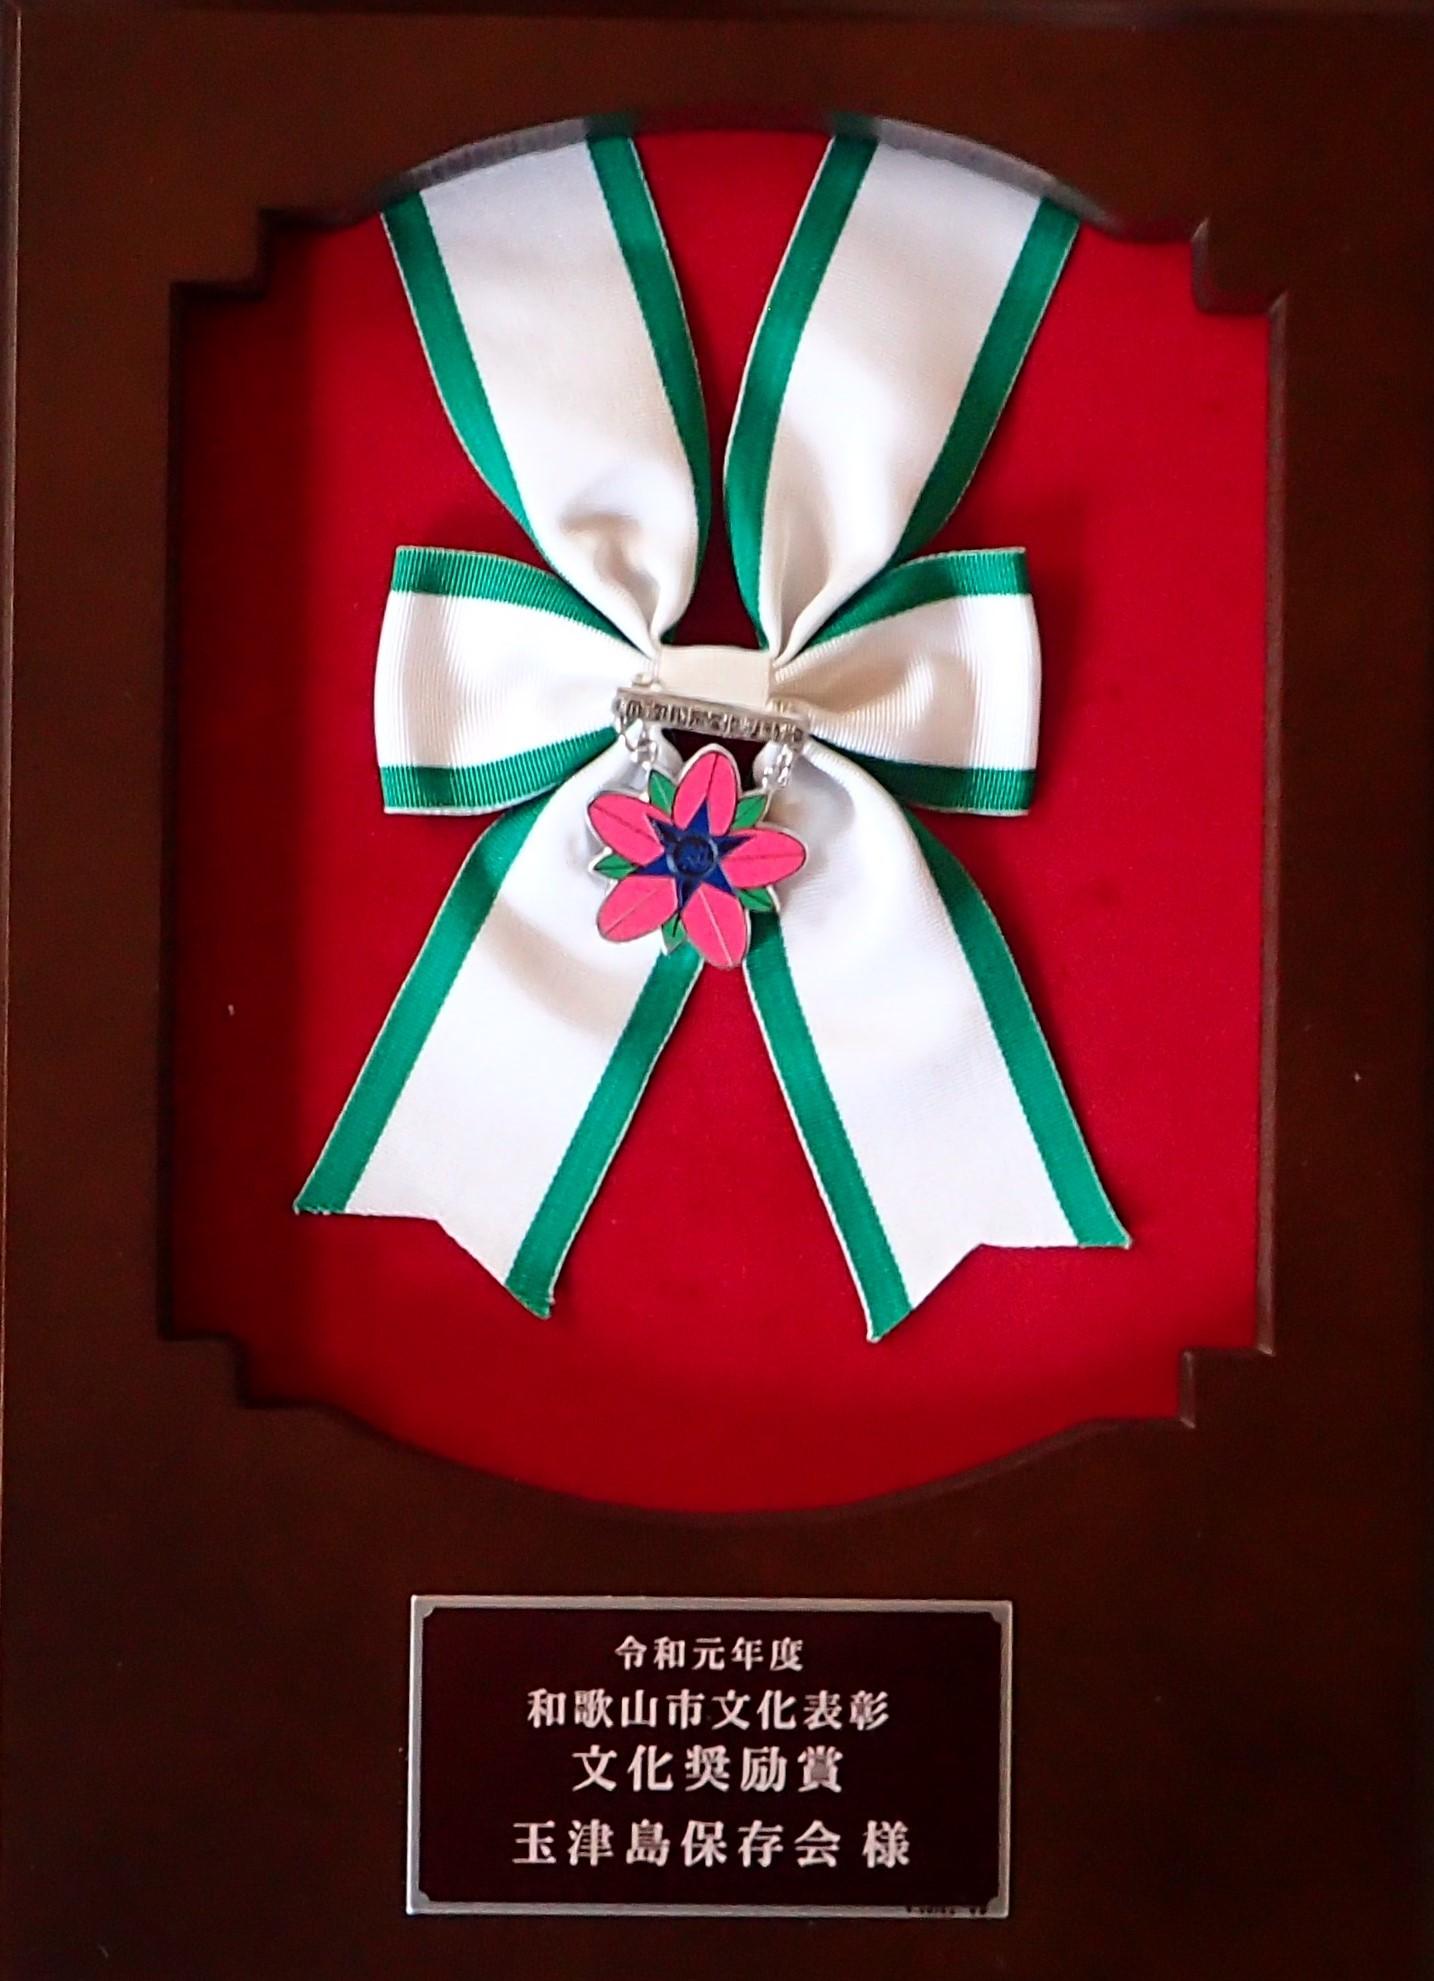 玉津島保存会 和歌山市文化奨励賞受賞_c0367107_12112850.jpg